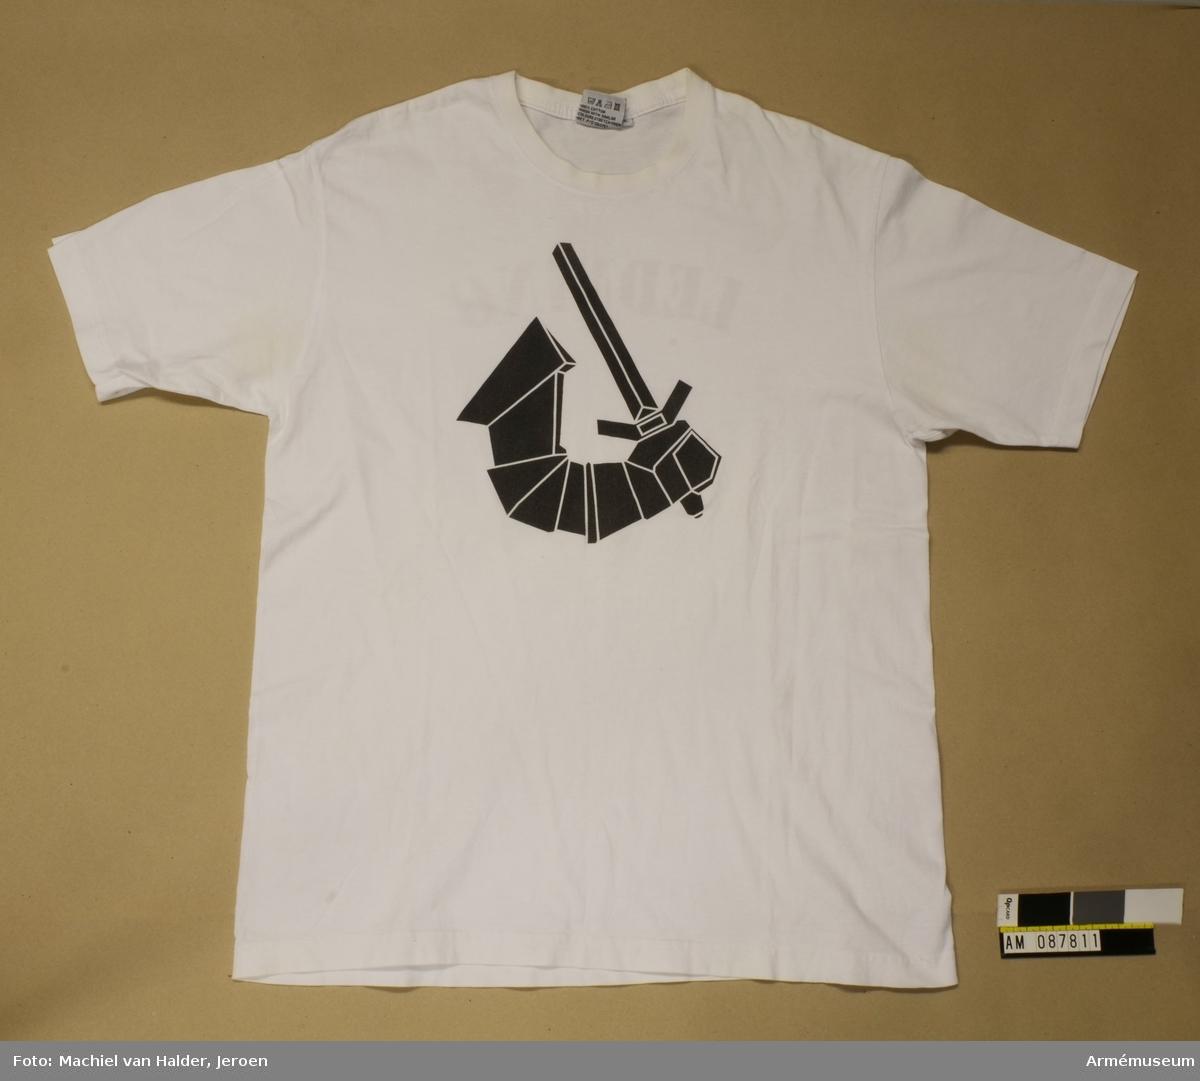 Vit muckartröja i bomullstyg med tryck i svart föreställande en arm som håller i ett svärd. Synliga fläckar kring armhålorna.